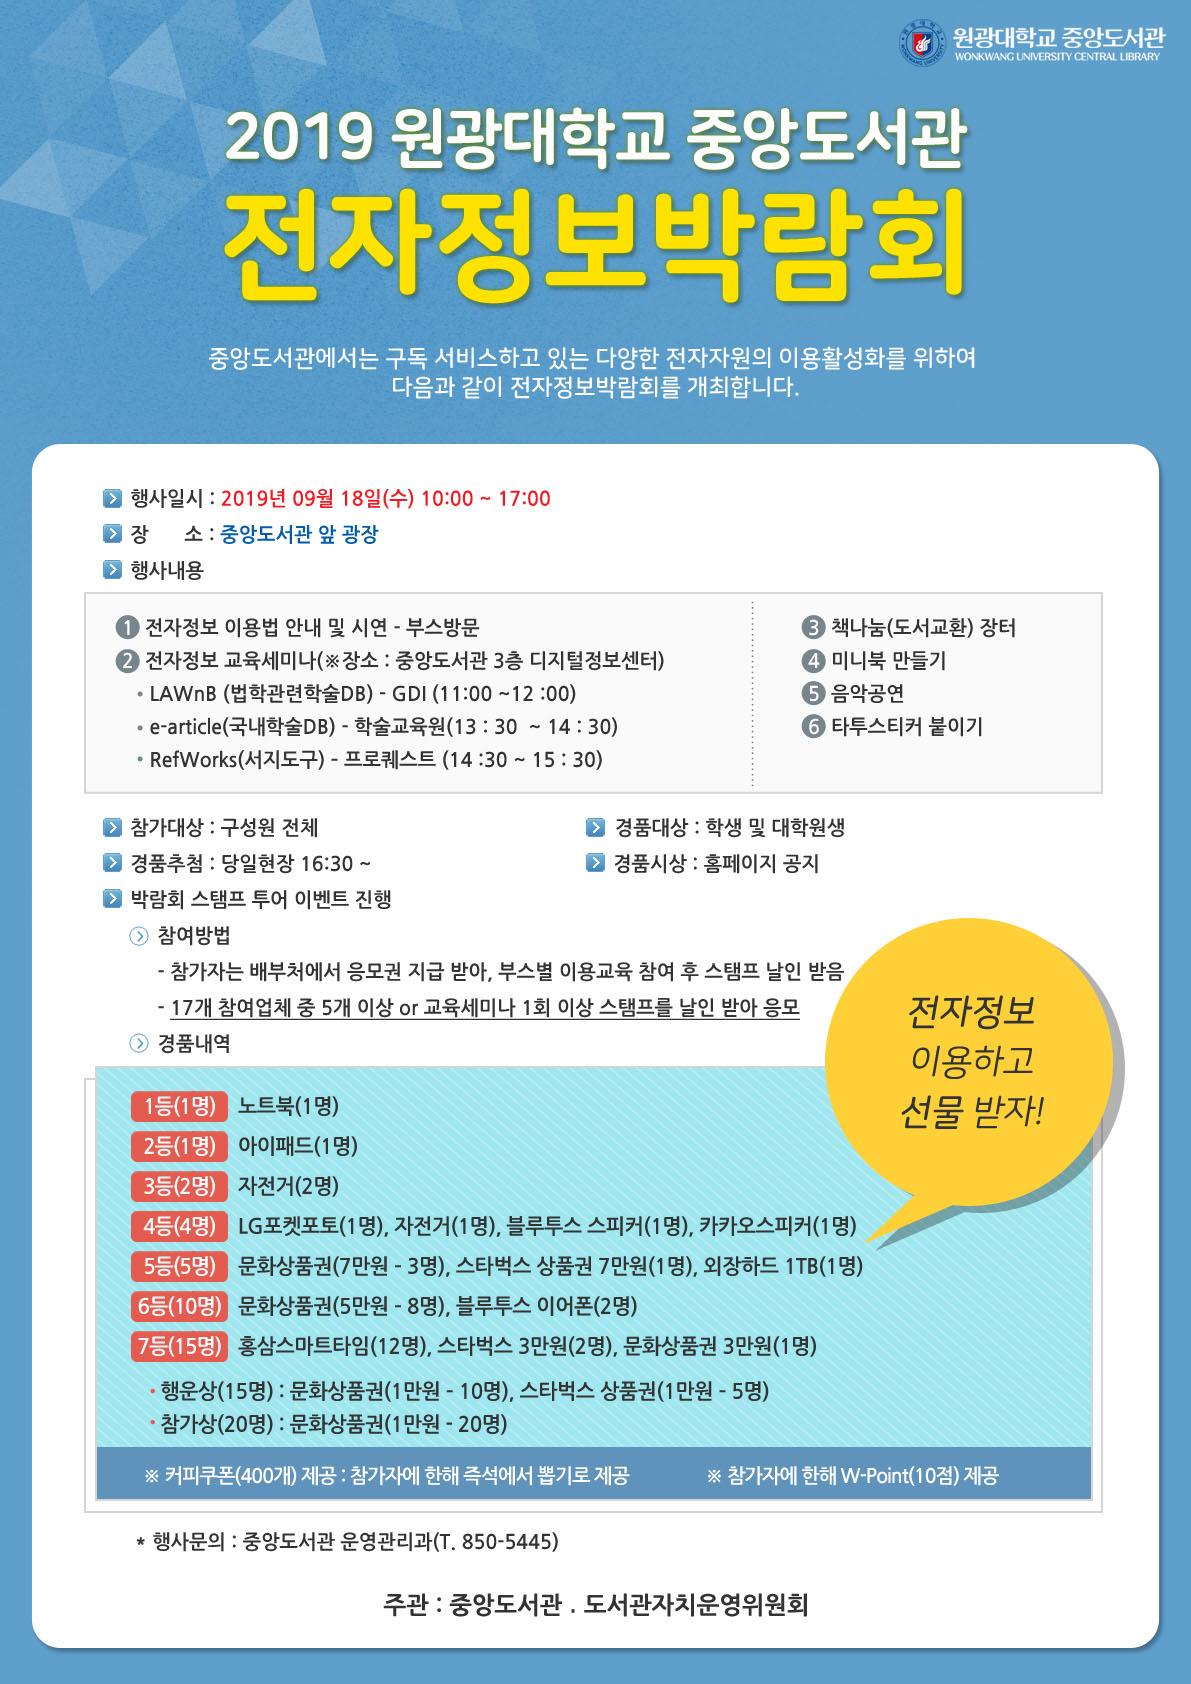 도서관 이용법 안내 받고 경품 타가자!! : 2019 중앙도서관 전자정보박람회 개최